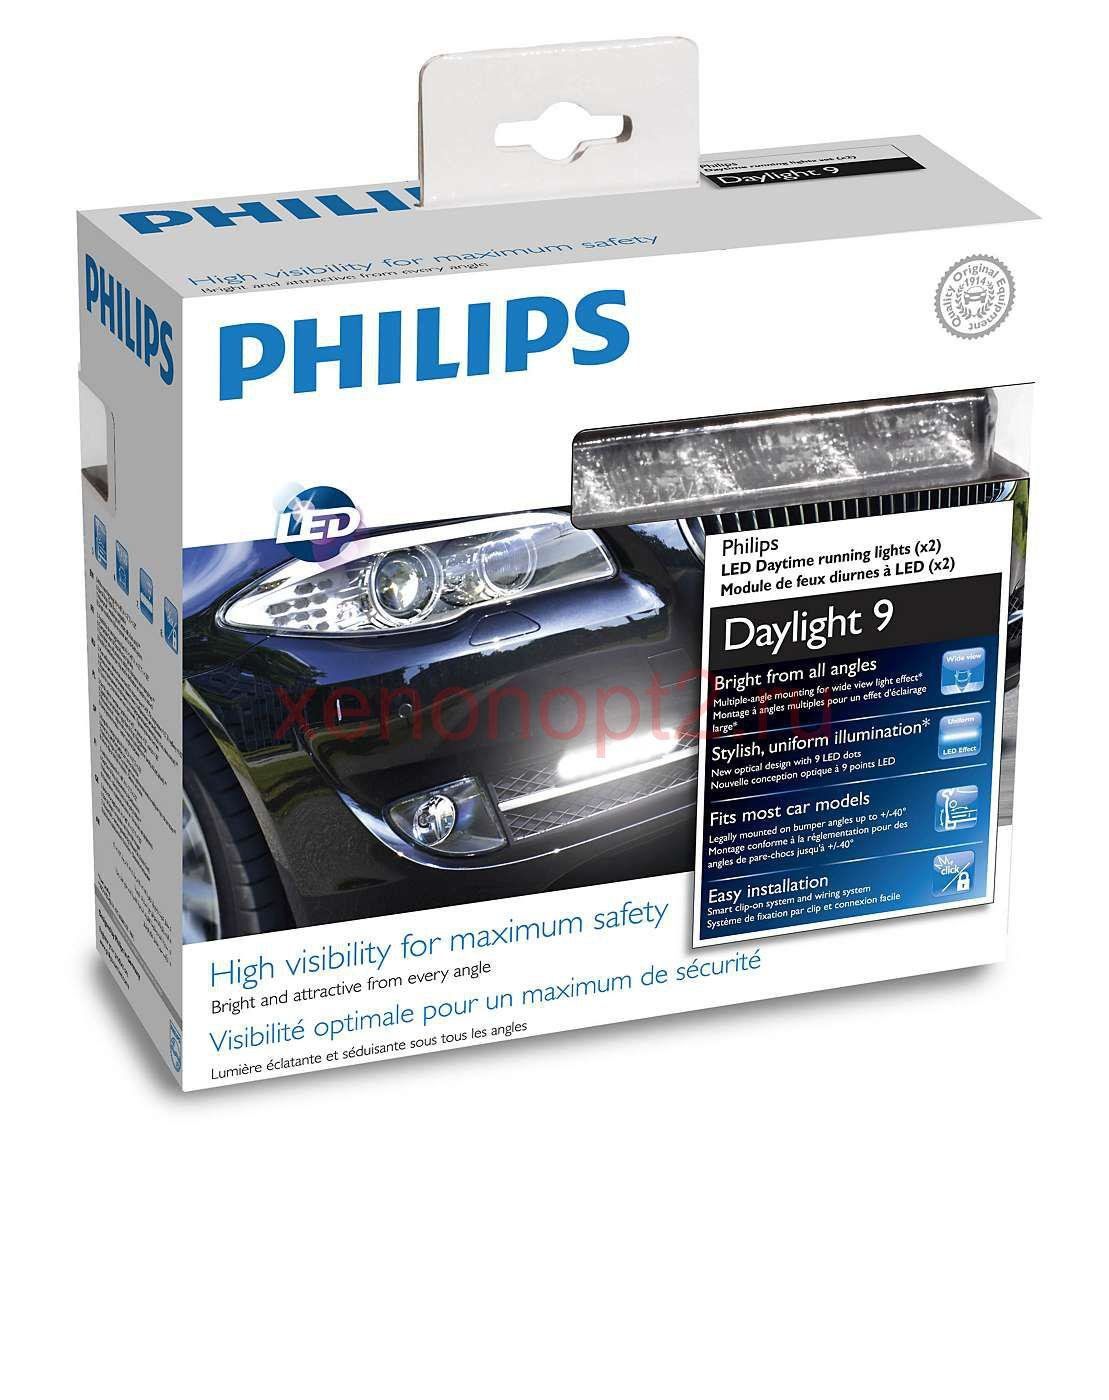 Дневные ходовые огни (DRL) Philips LED DayLight 9 12831WLEDX1